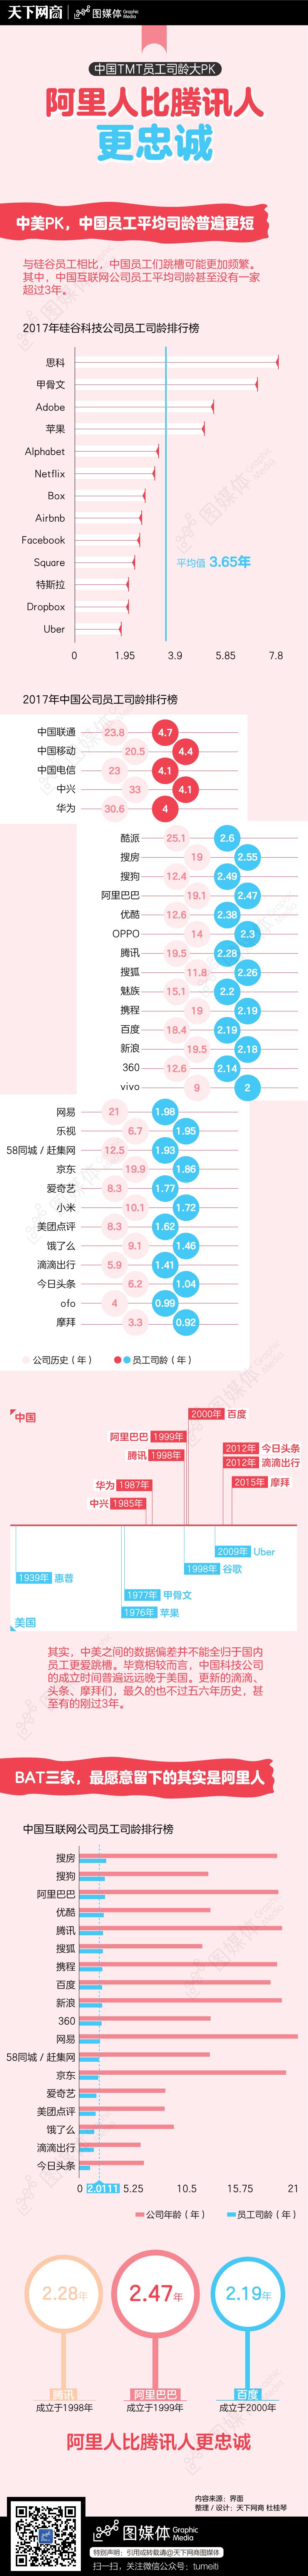 1023-中国TMT员工司龄大PK:阿里人比腾讯人更忠诚-02